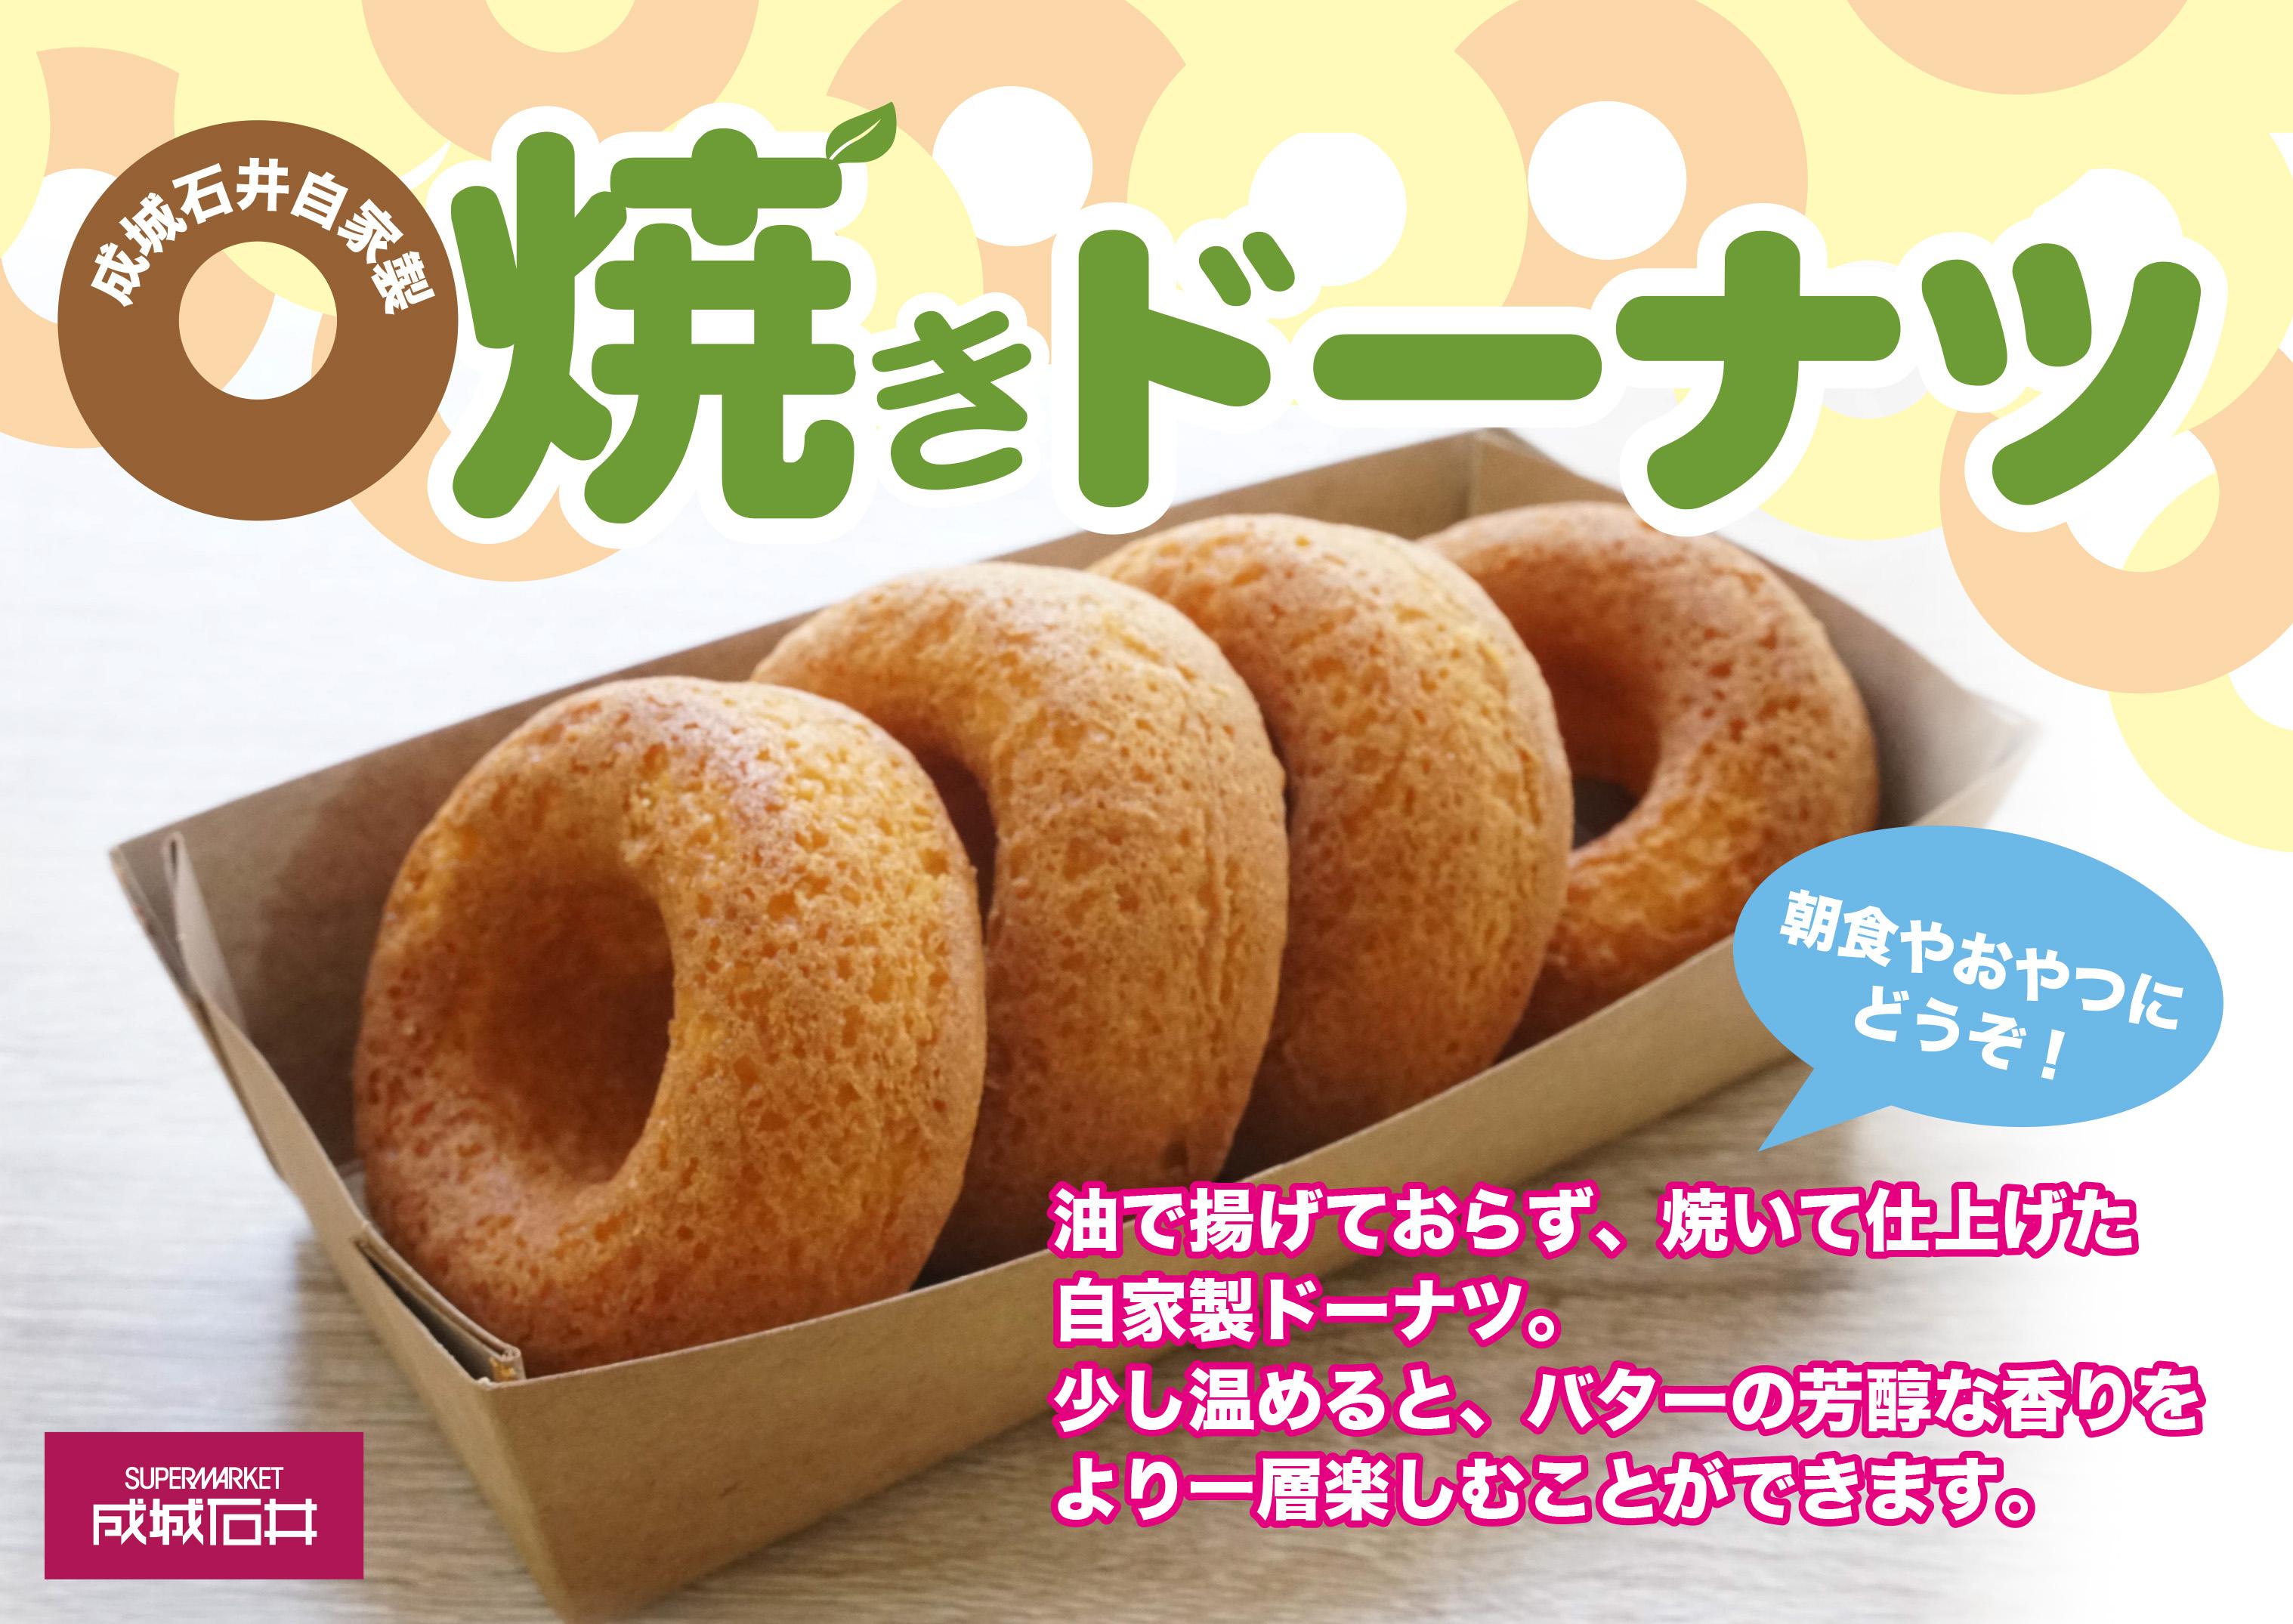 成城石井自家製 焼きドーナツ